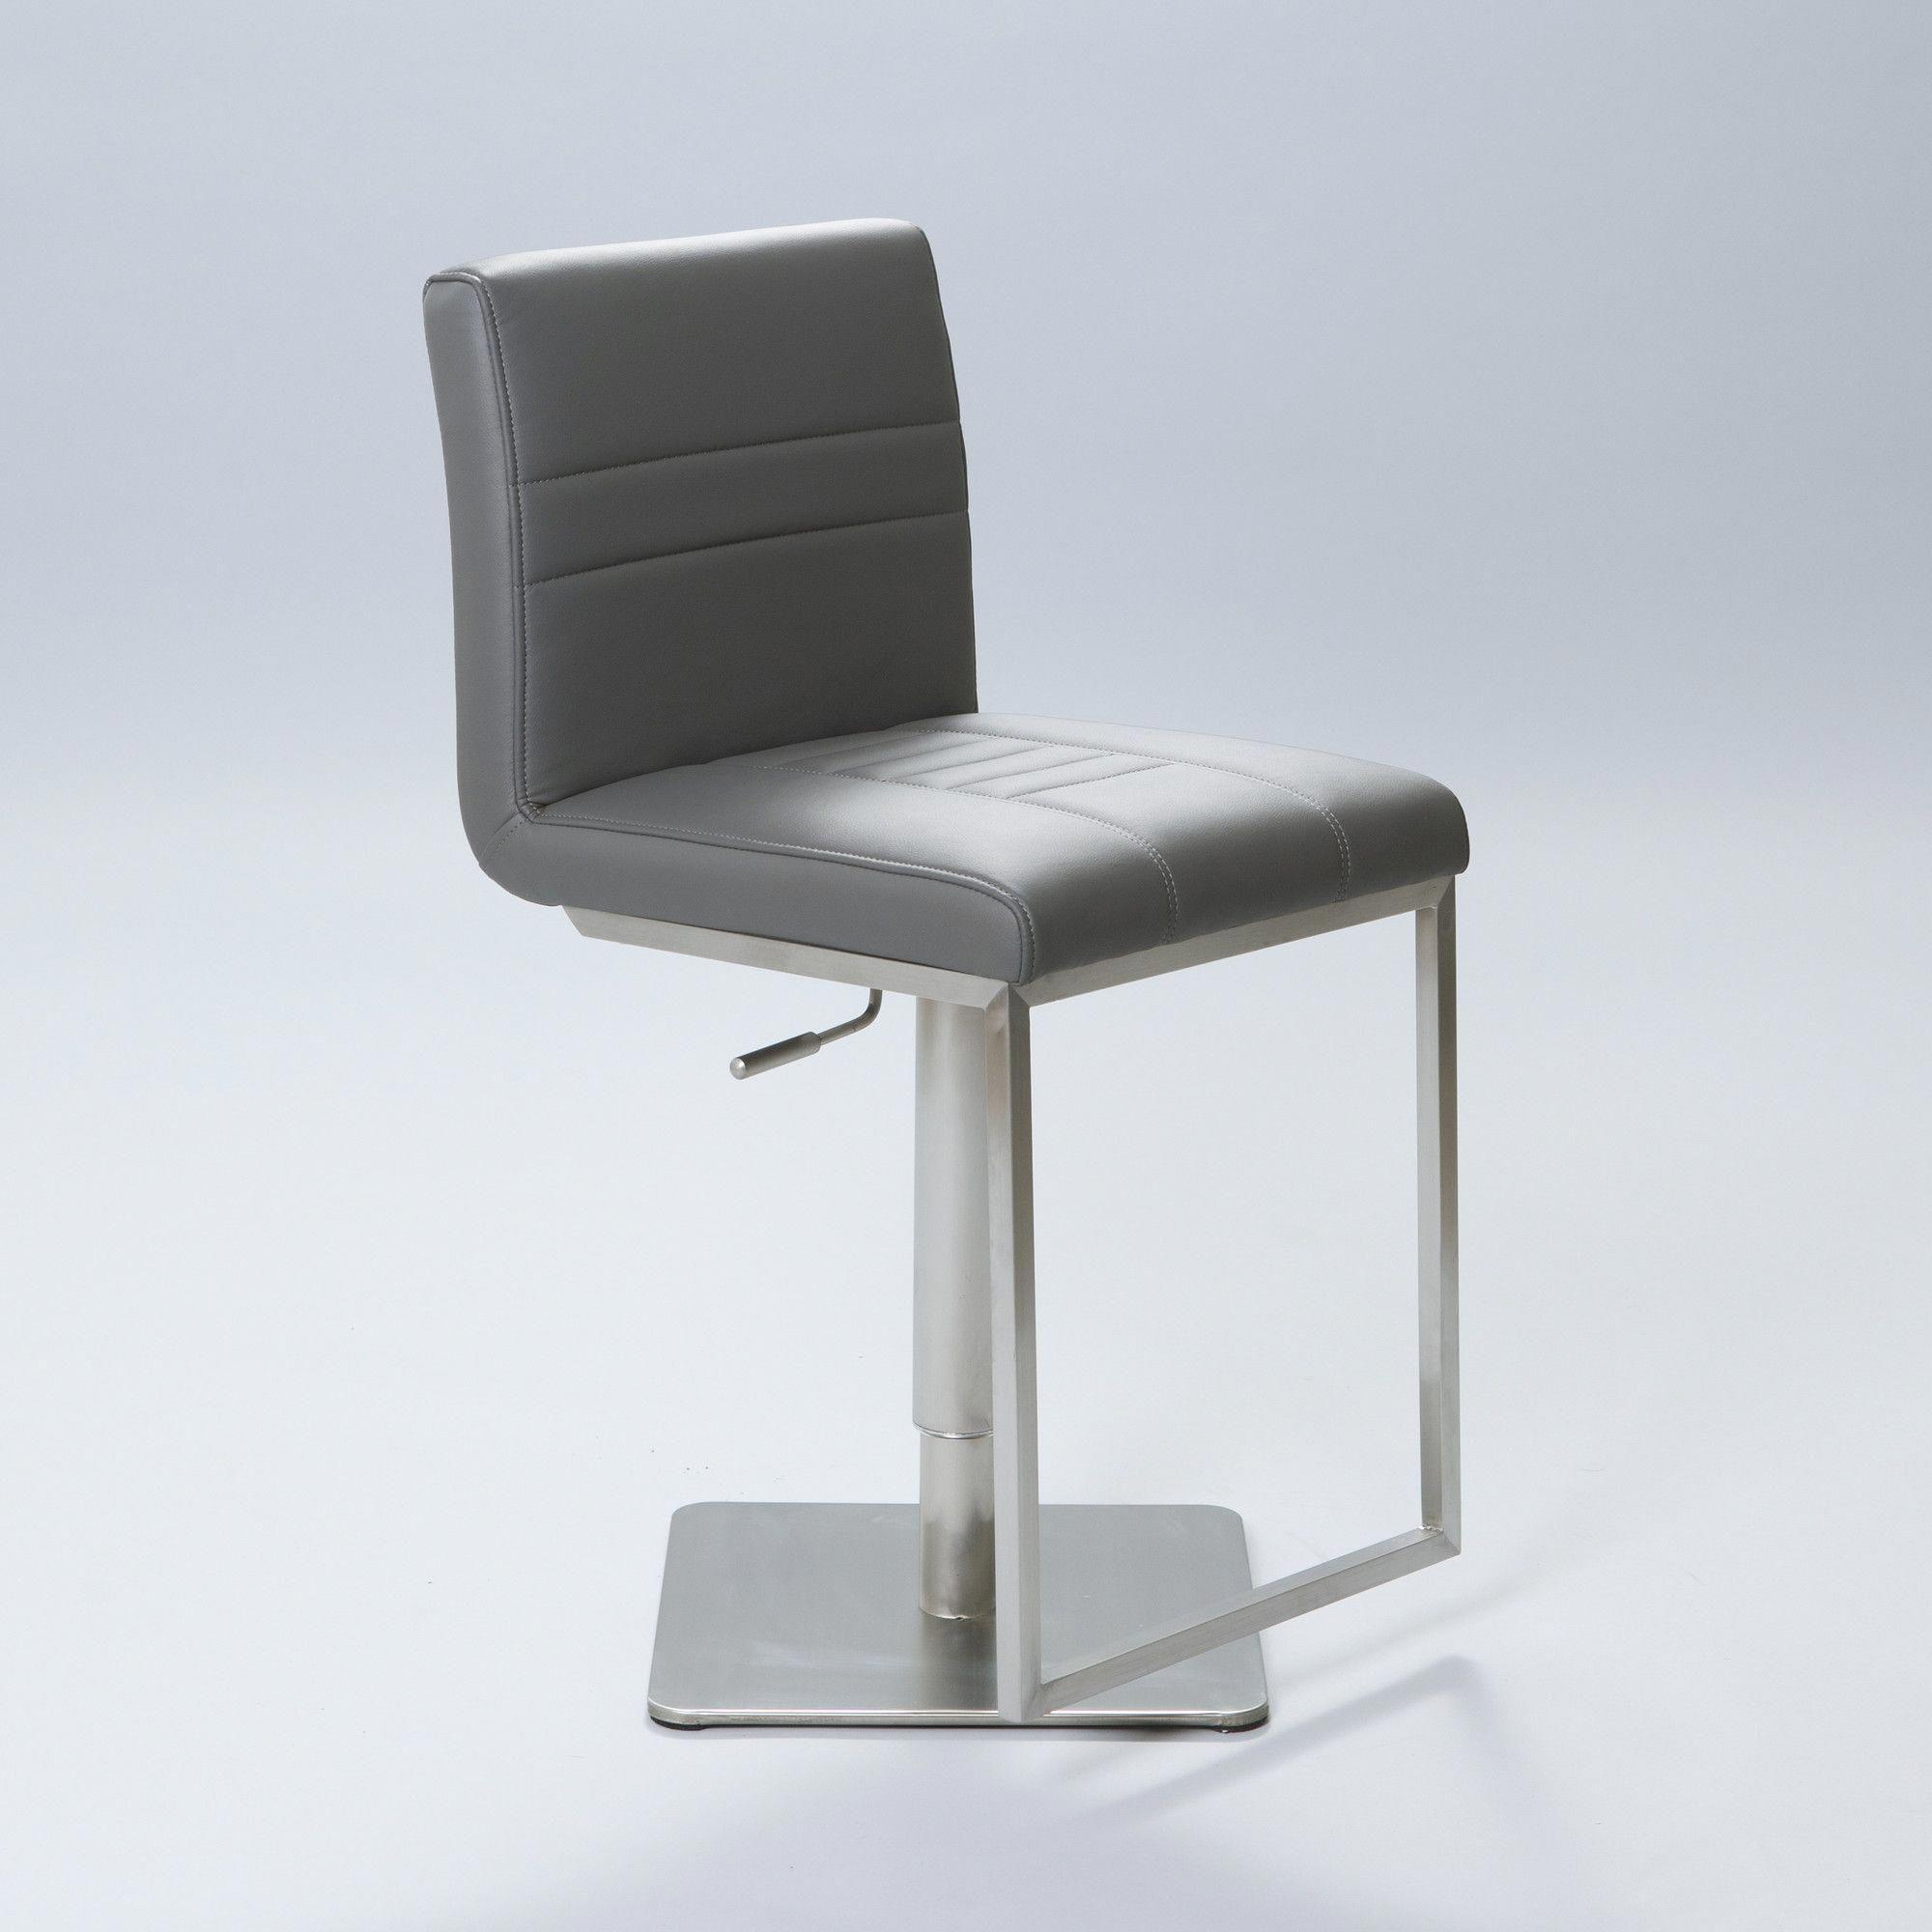 1st floor dimaz swivel stool for sale allmodern barfurnitureforsale